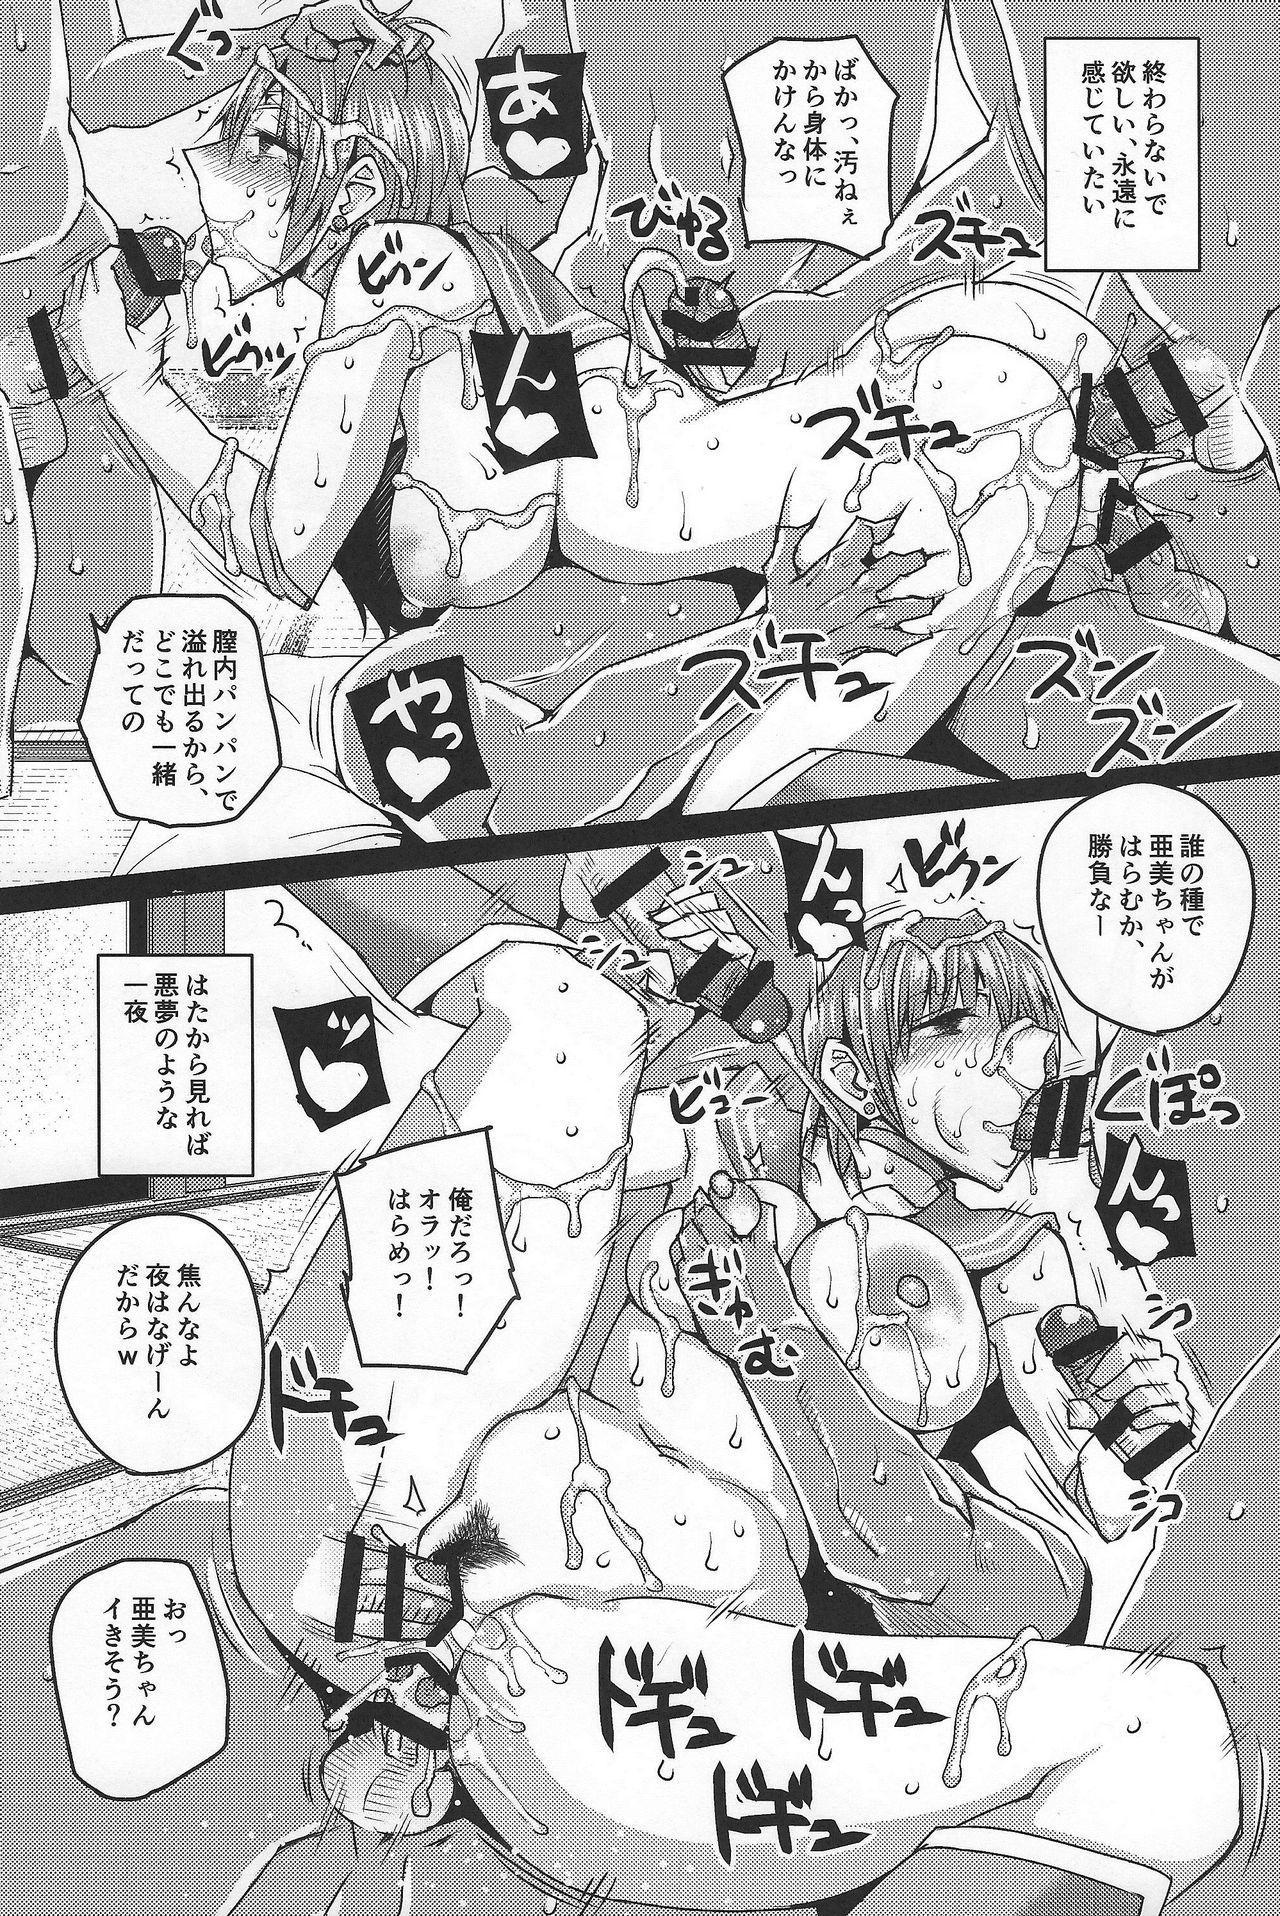 20-Nengo no, Sailor Senshi o Kakyuu Youma no Ore ga Netoru. Kanketsuhen 45